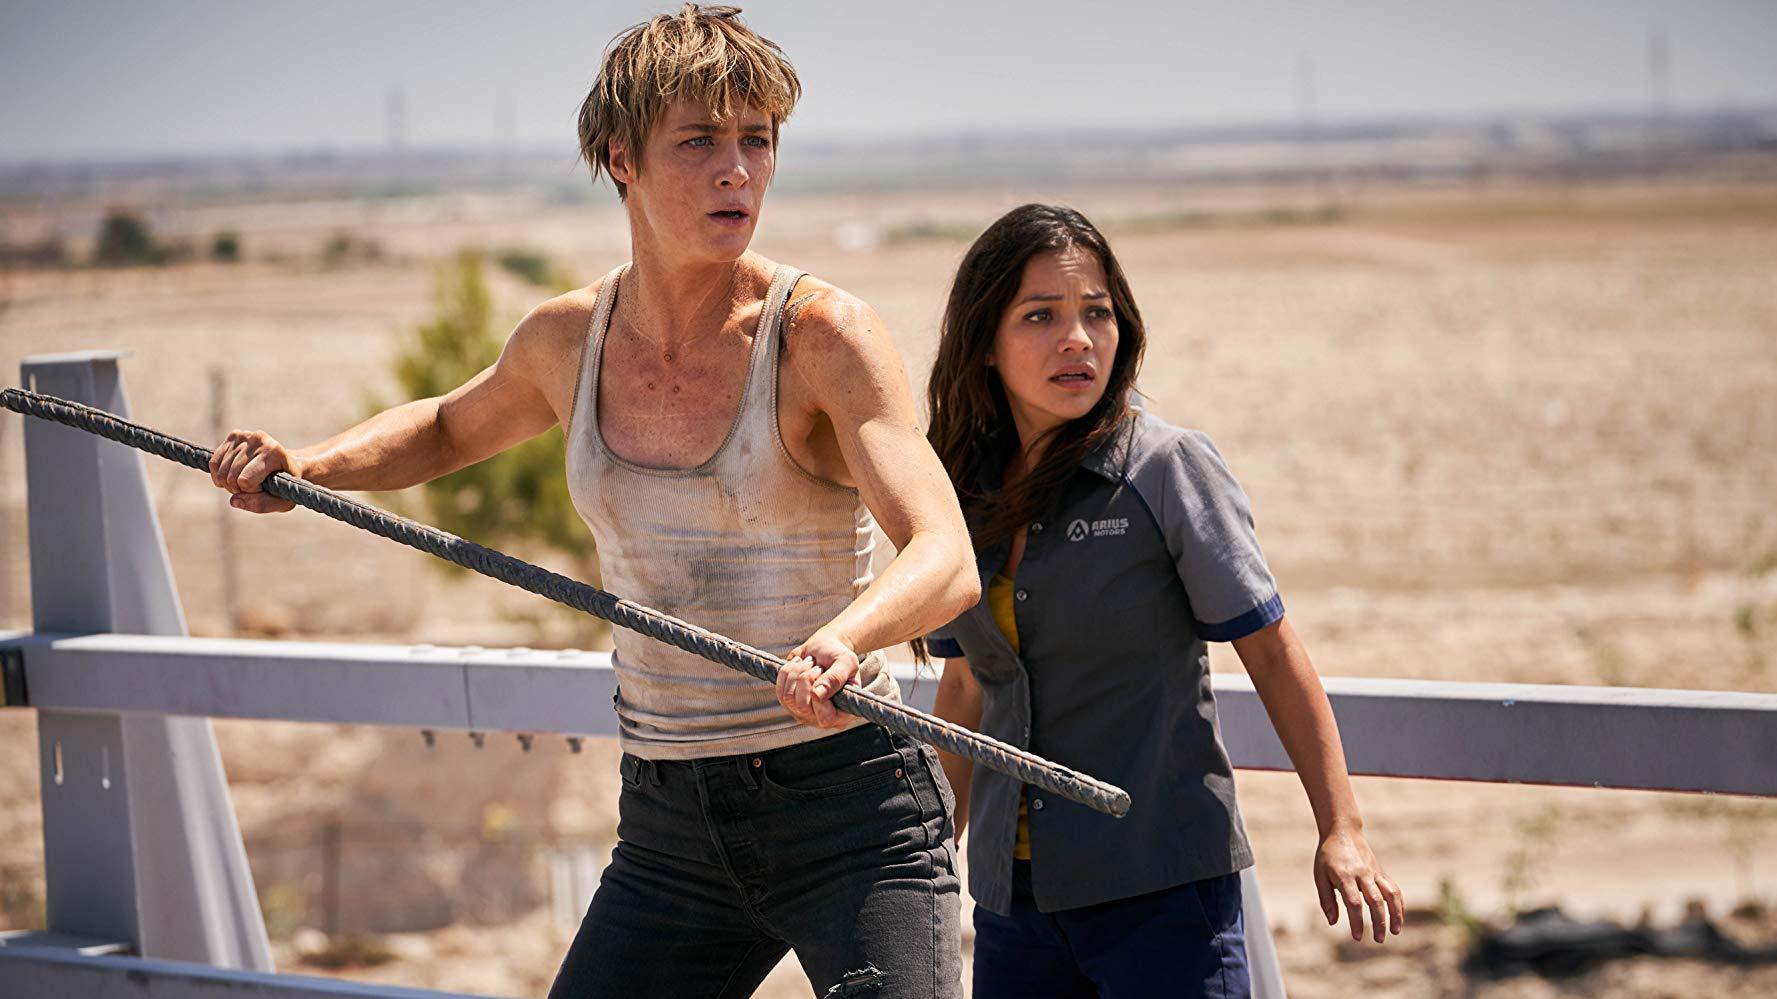 Natalia Reyes e Mackenzie Davis (Fonte: IMDb/Reprodução)